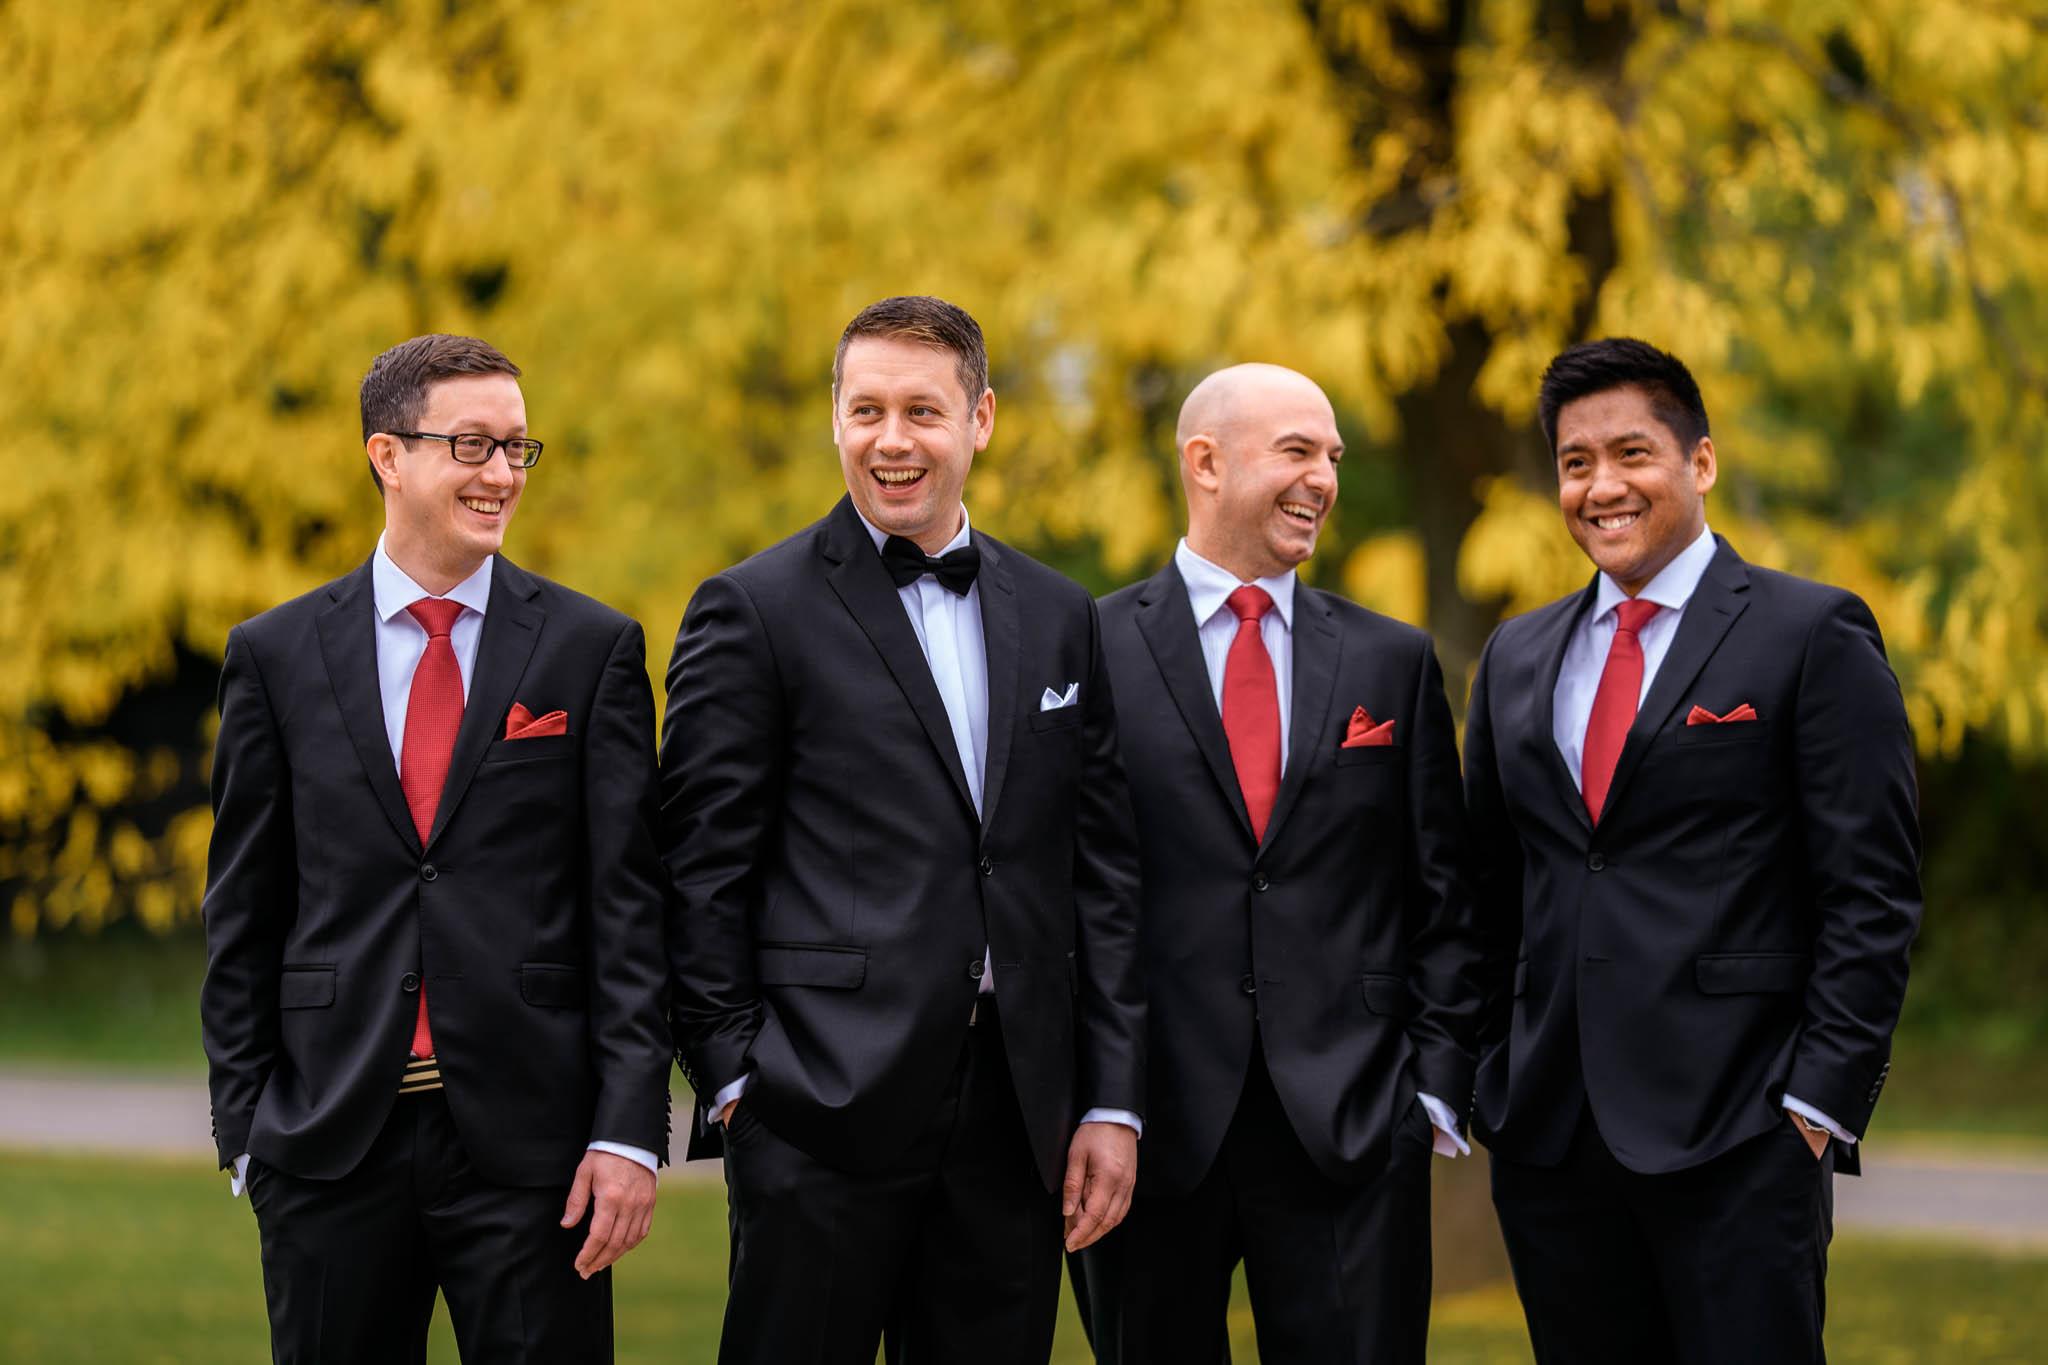 Montreal Wedding Photographers (18 of 43).jpg